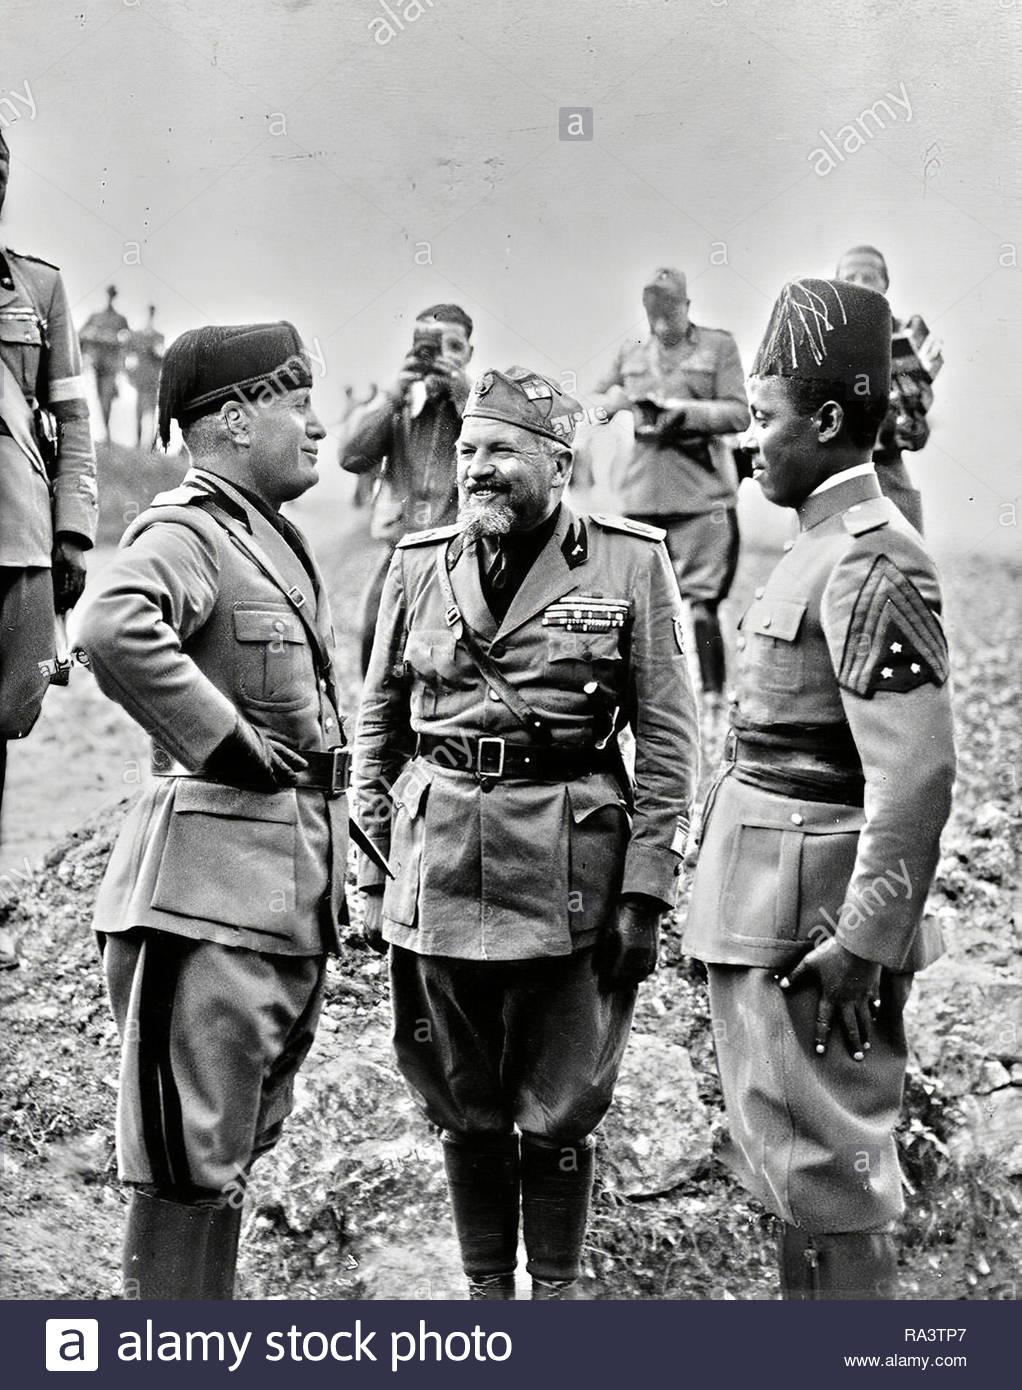 benito-mussolini-a-parlare-con-un-soldato-eritreo-dellesercito-italiano-di-truppe-coloniali-in-libia-in-nord-africa-1934-ra3tp7